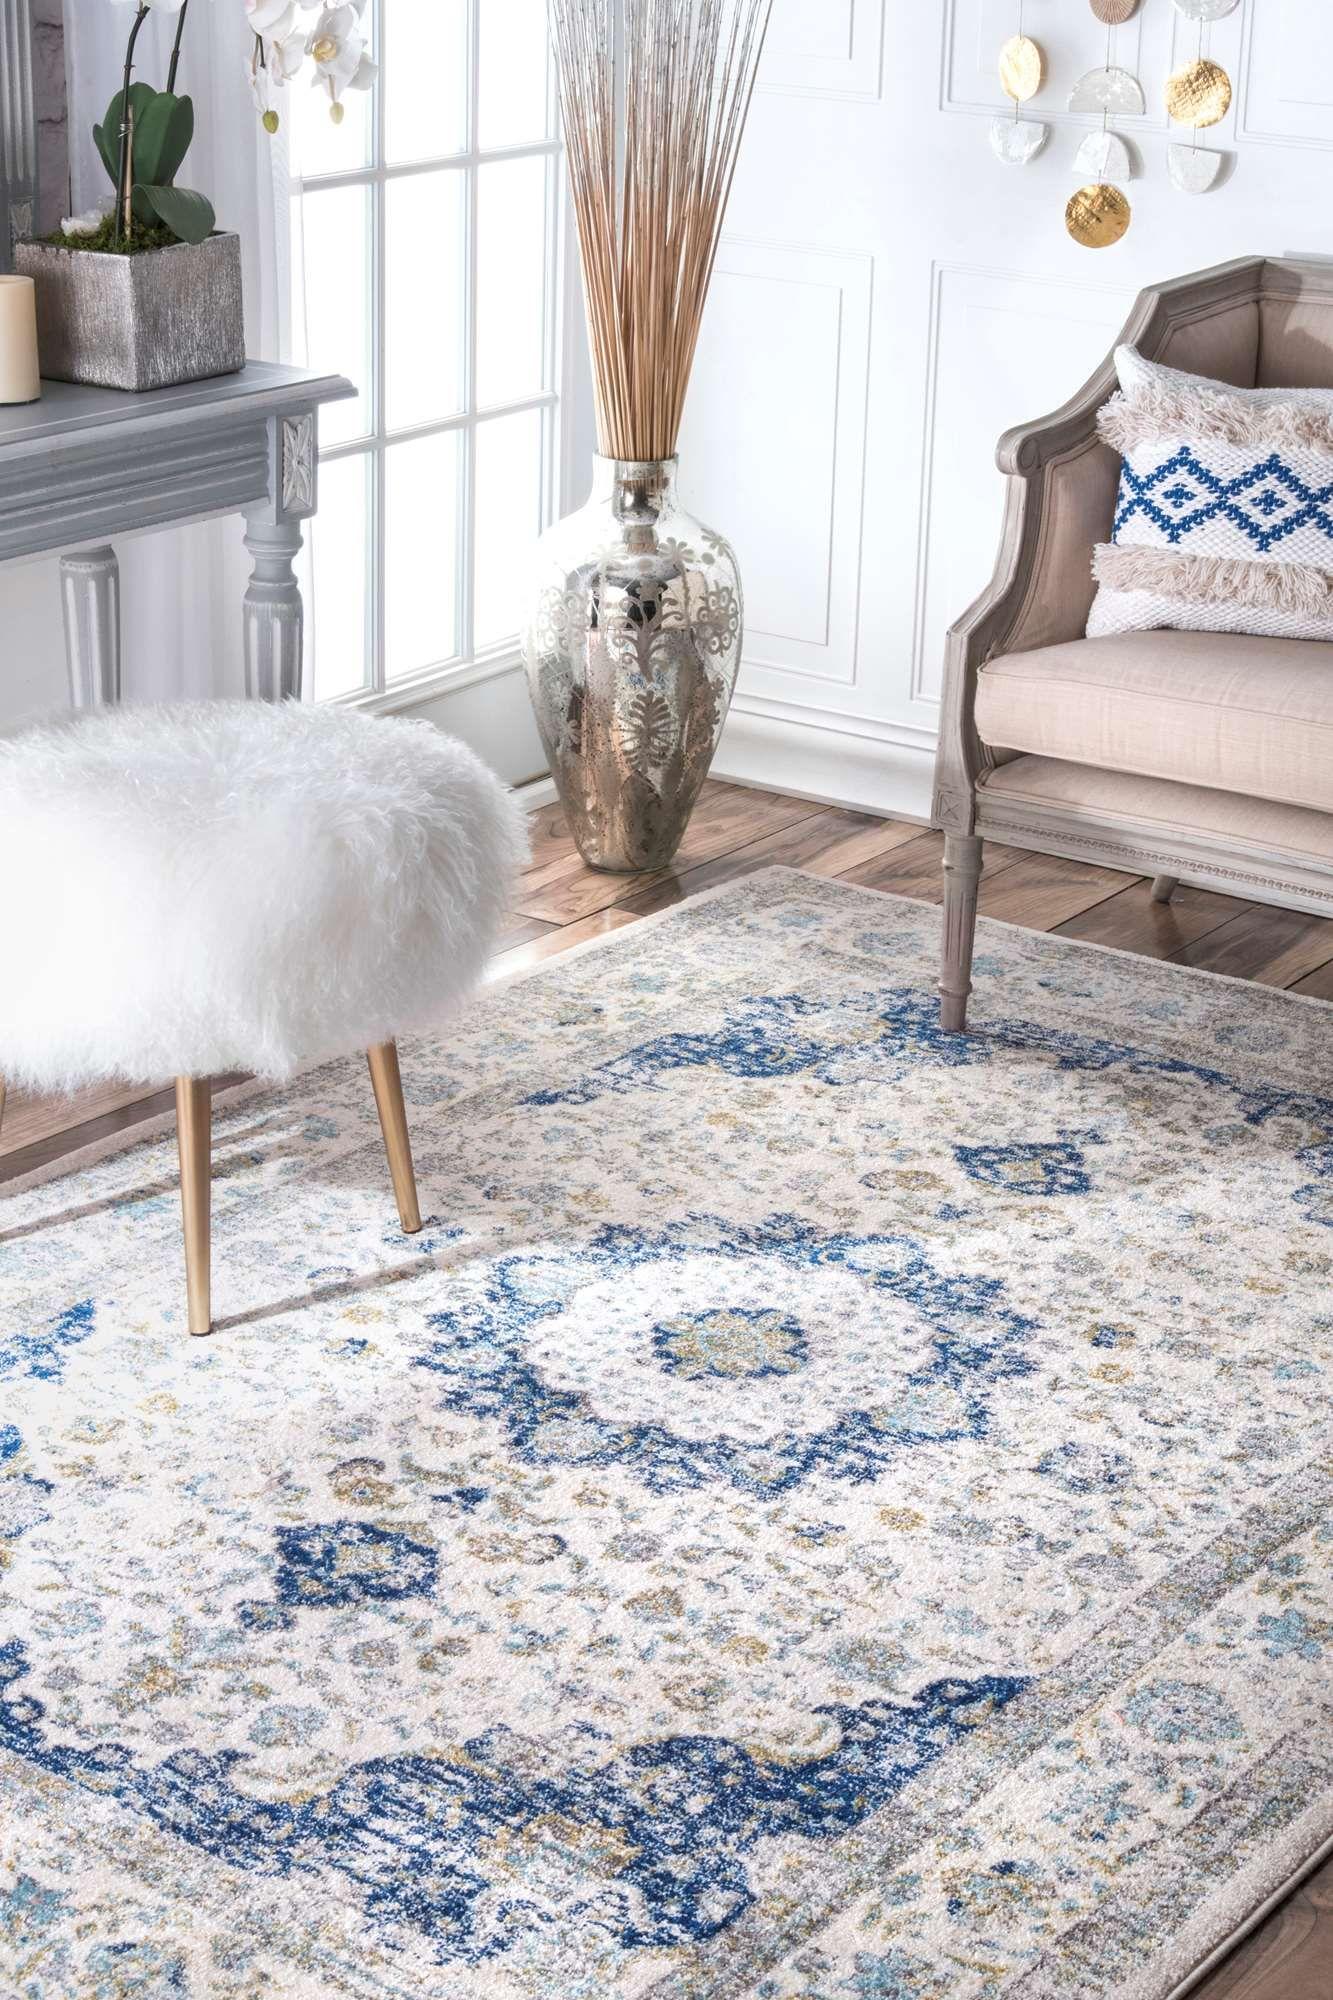 Inspiration Wohnzimmer: Teppich In Blau Grau Mit Traditionellem Muster